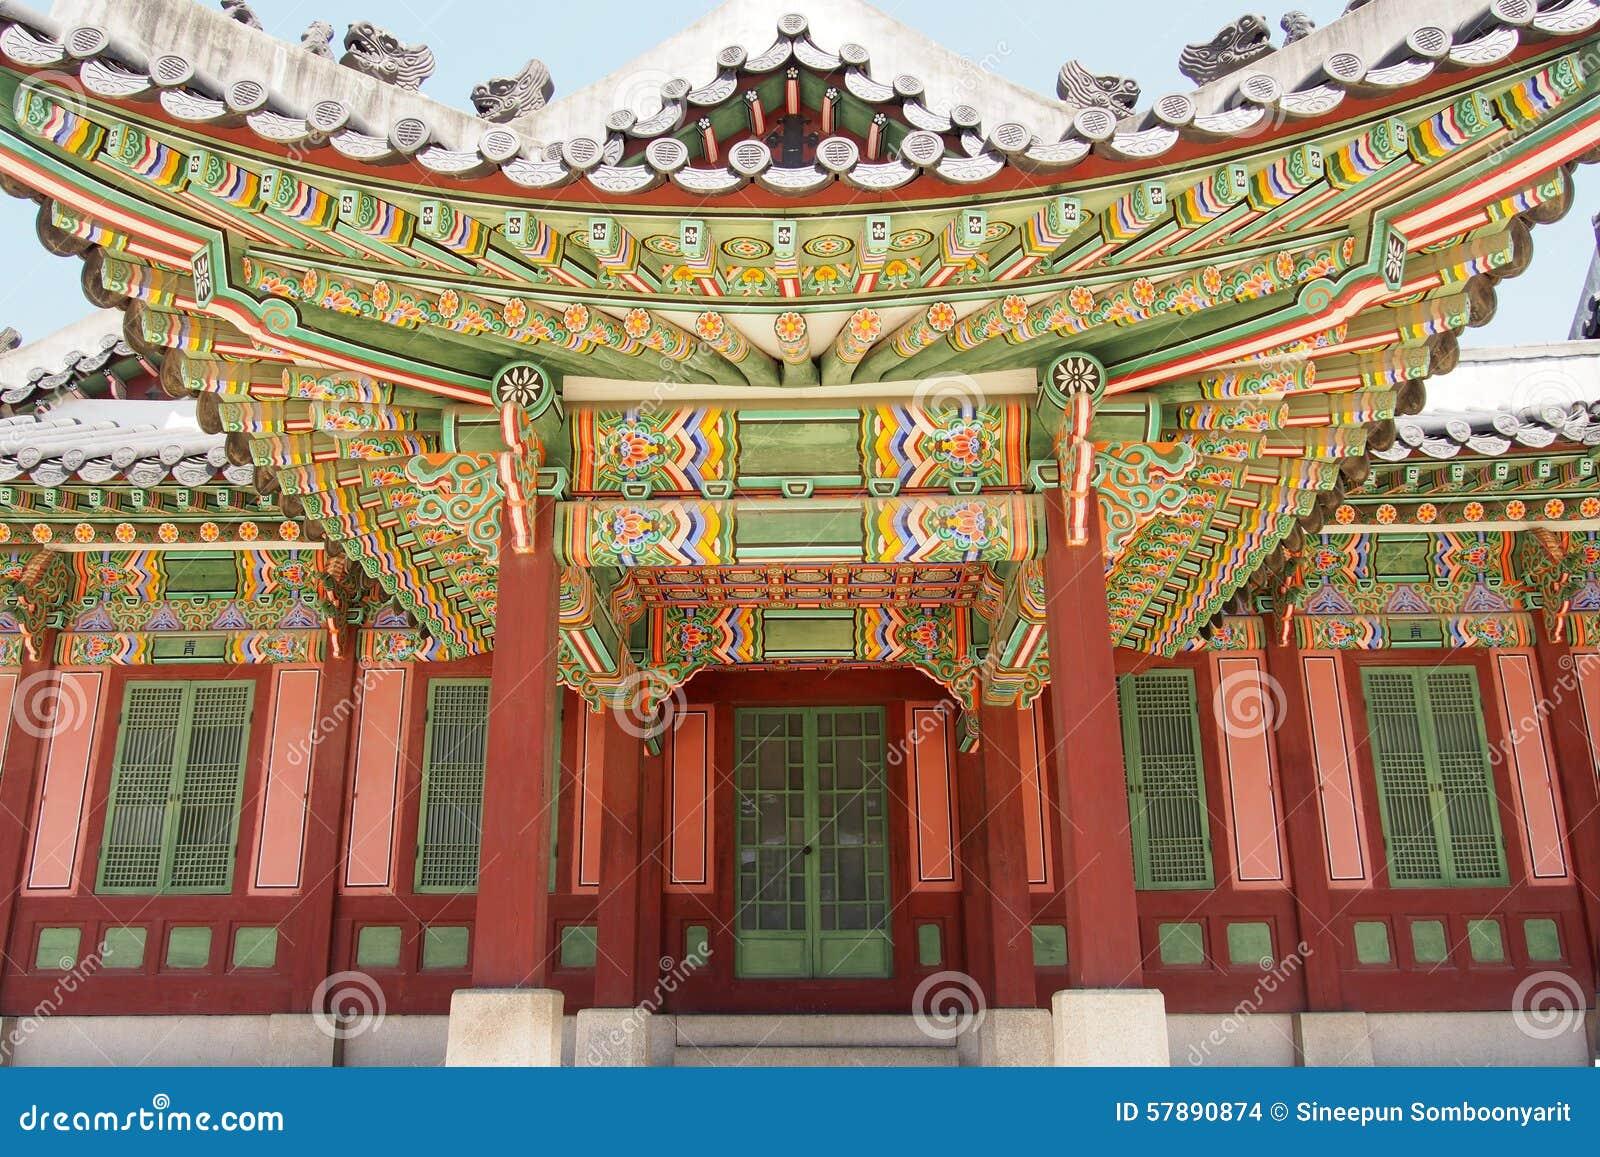 Όμορφο και ζωηρόχρωμο εξωτερικό του παραδοσιακού κορεατικού κτηρίου